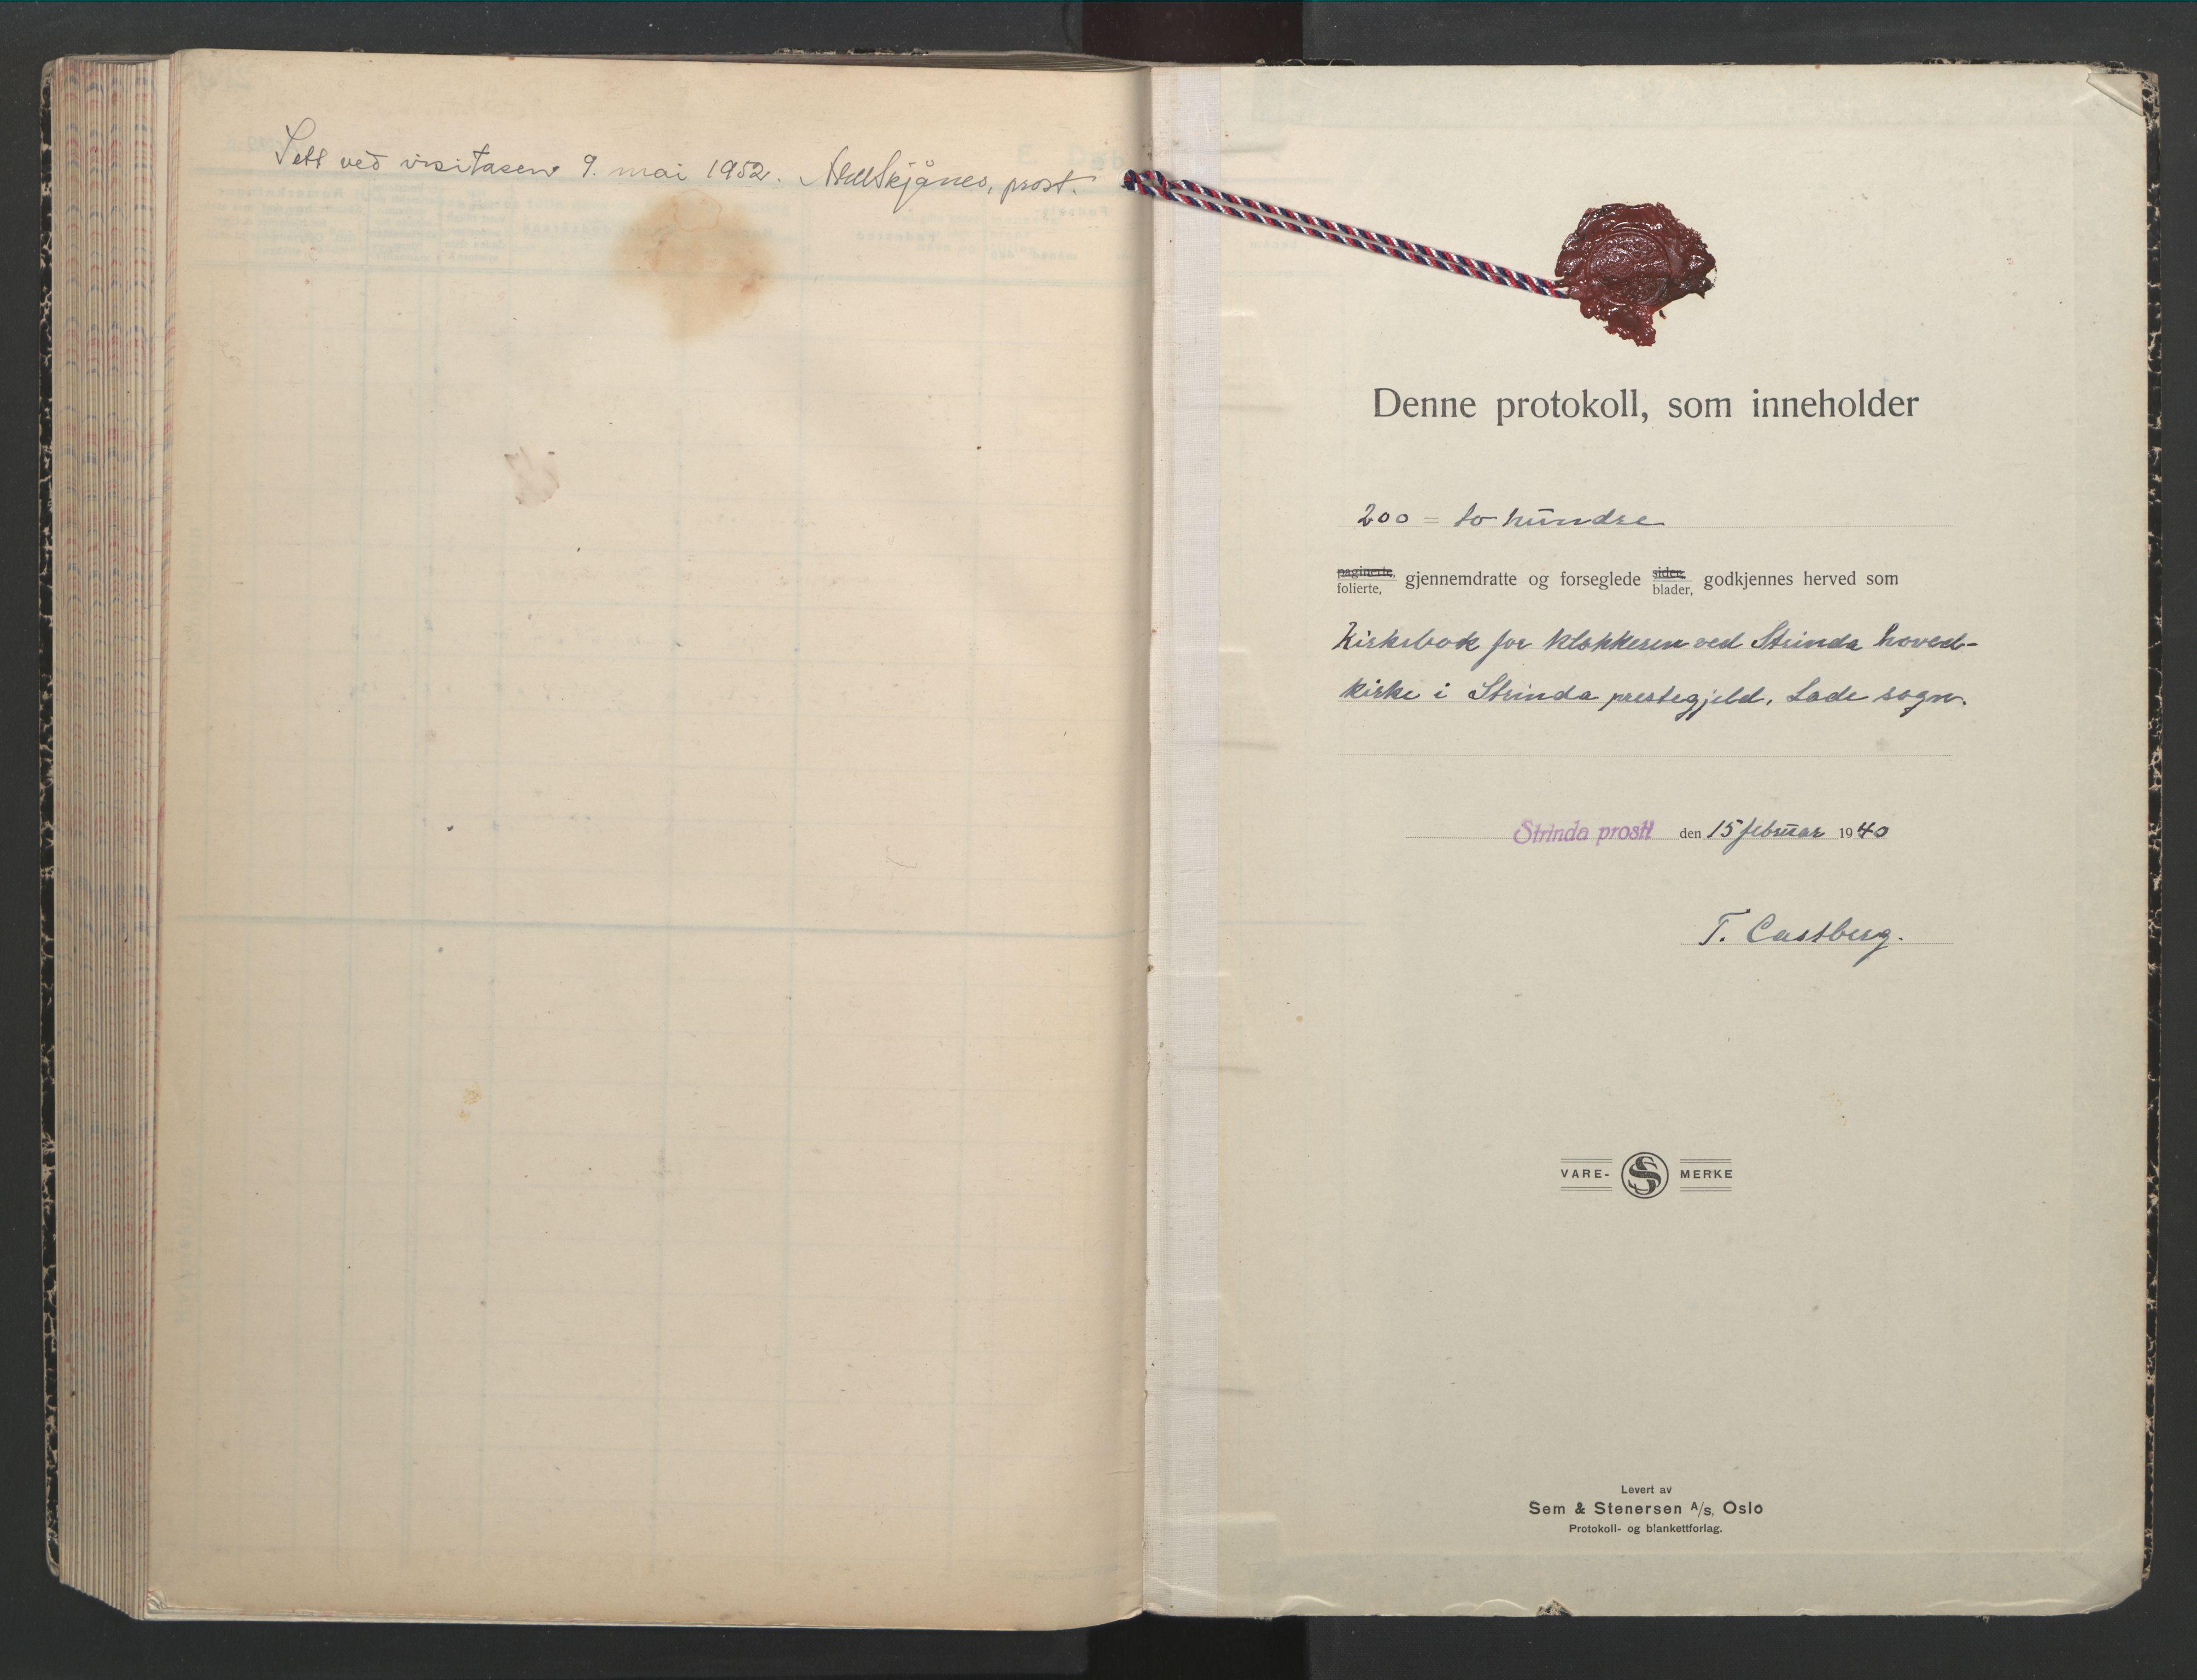 SAT, Ministerialprotokoller, klokkerbøker og fødselsregistre - Sør-Trøndelag, 607/L0328: Klokkerbok nr. 607C02, 1940-1948, s. 185